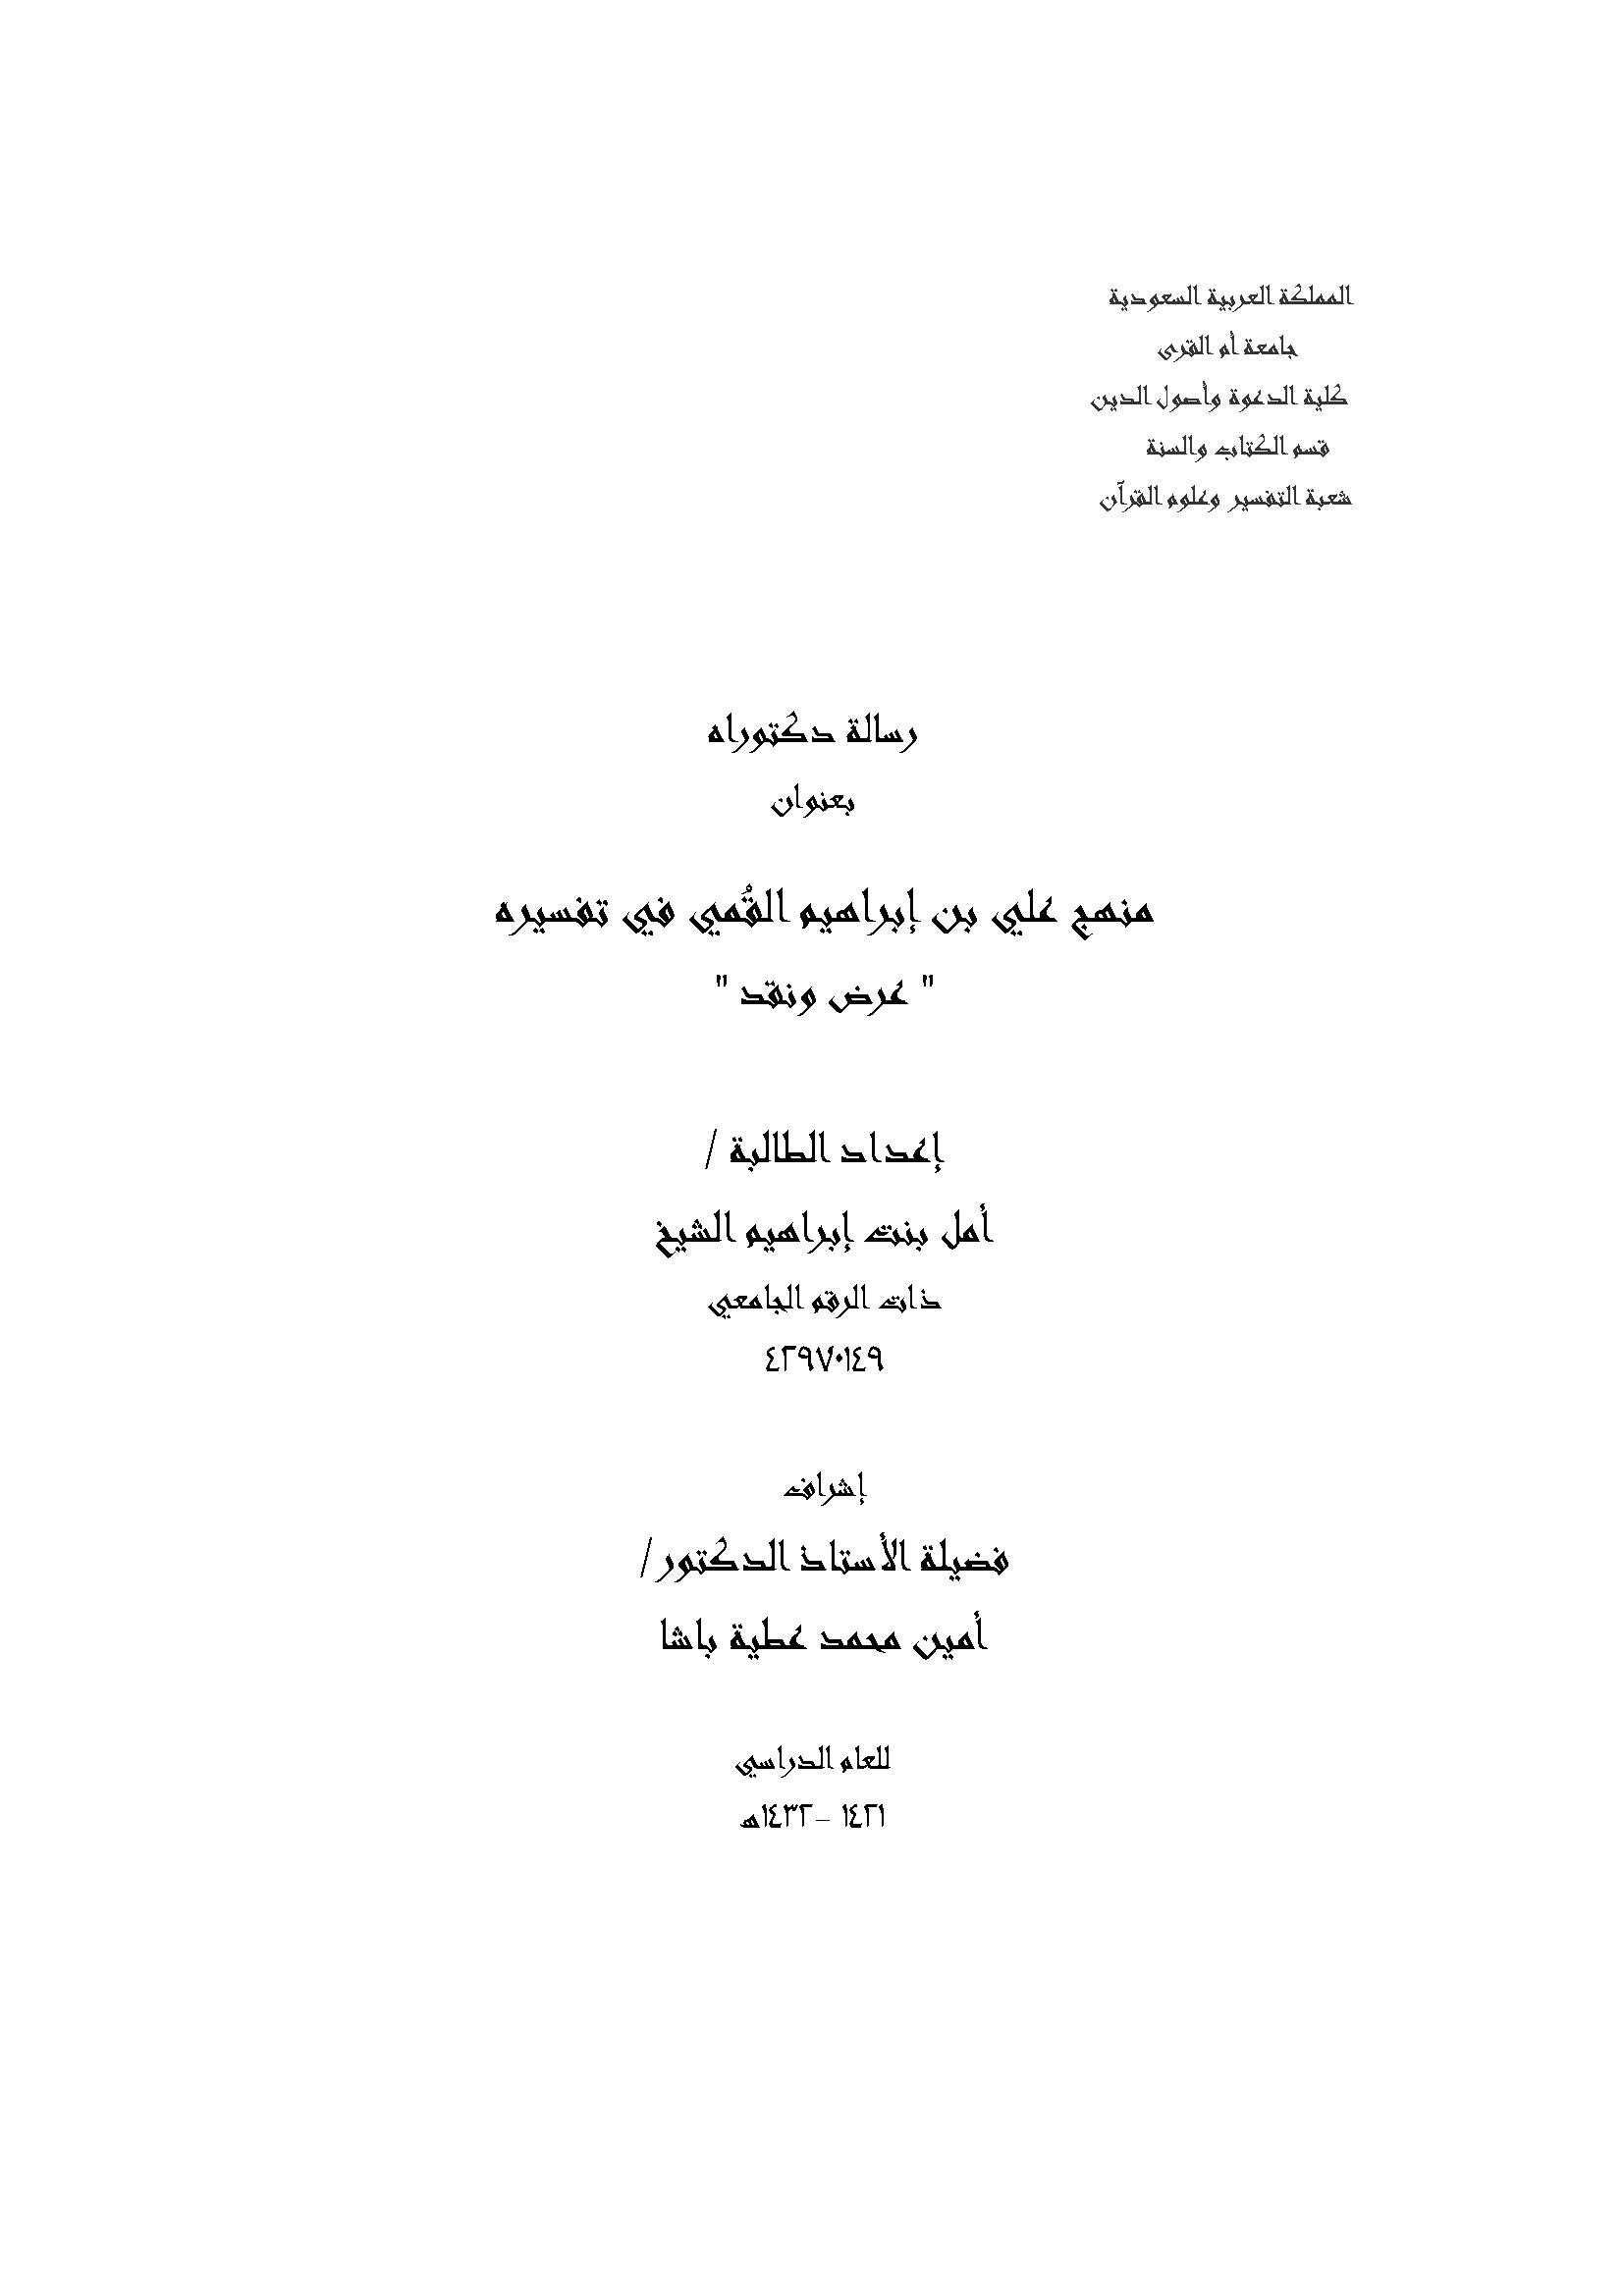 تحميل كتاب منهج علي بن إبراهيم القمي في تفسيره (عرض ونقد) لـِ: أمل بنت إبراهيم بن طه الشيخ